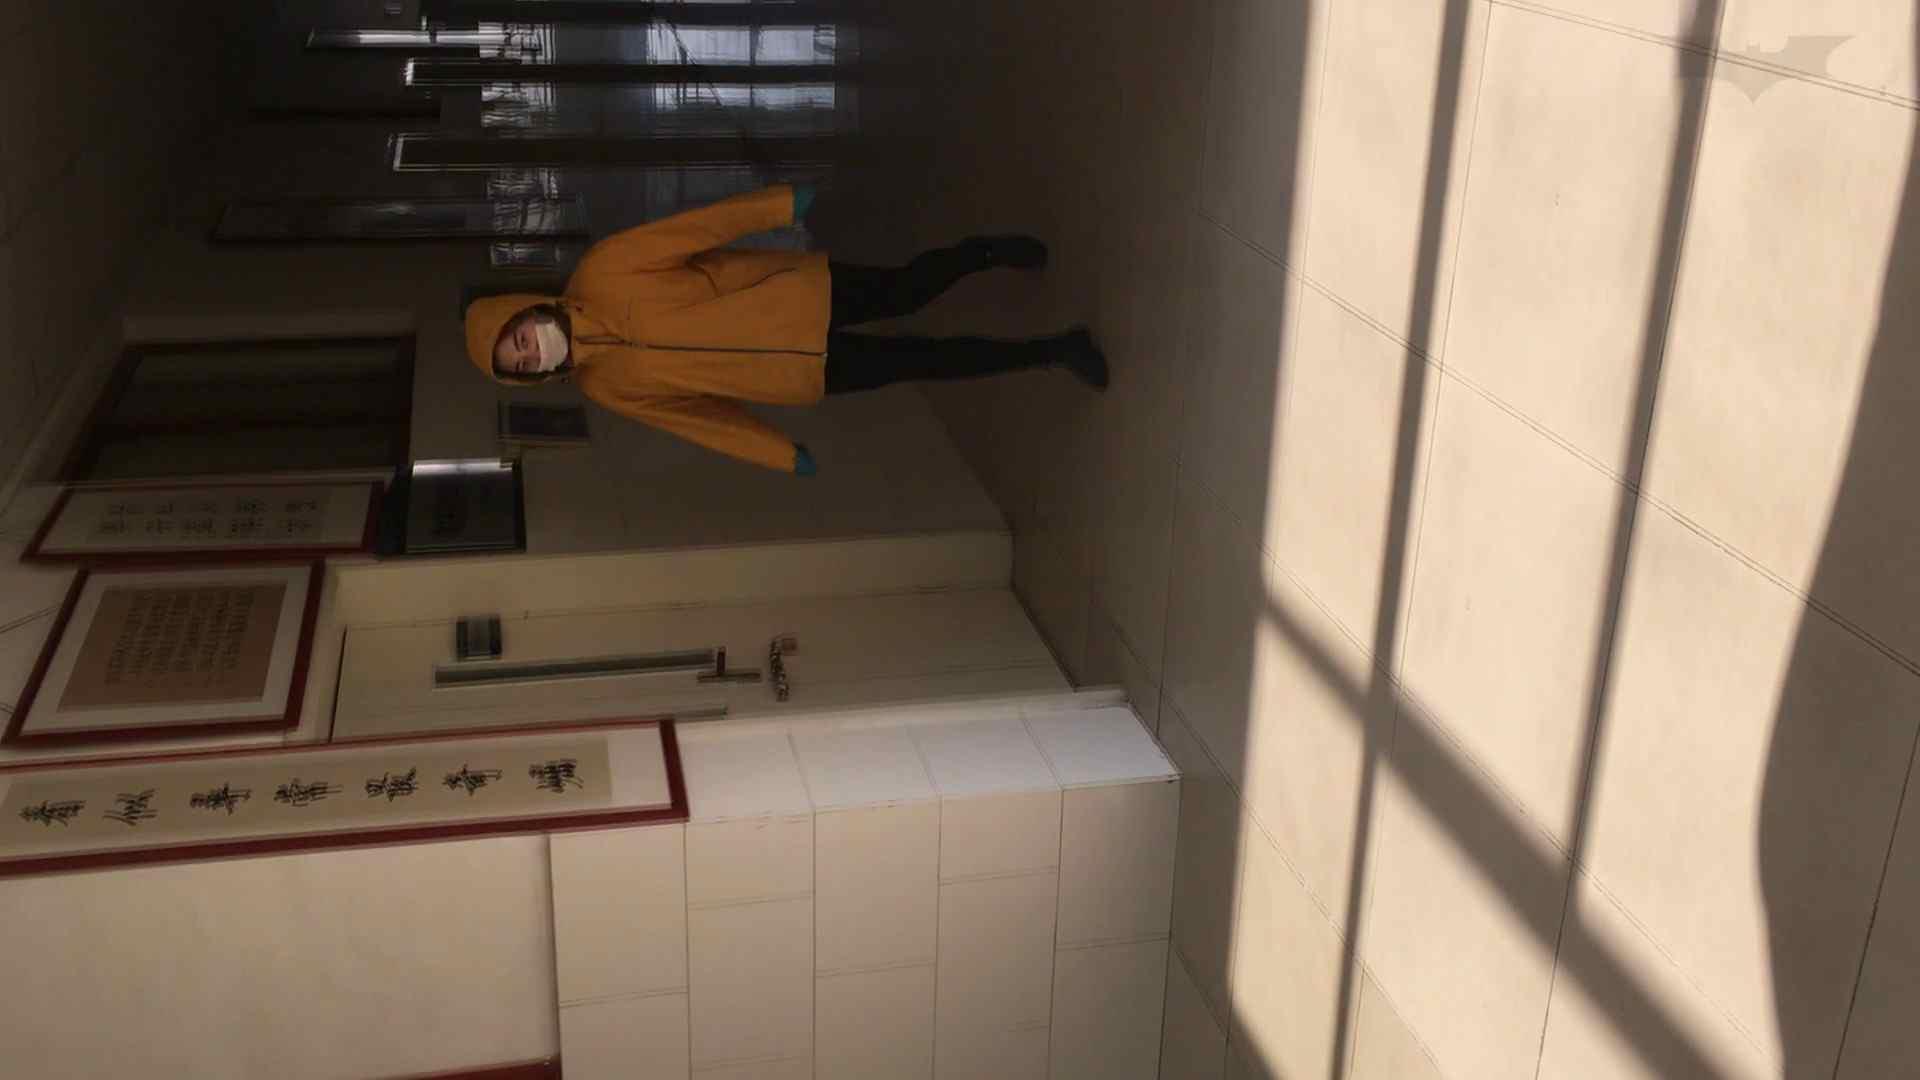 芸術大学ガチ潜入盗撮 JD盗撮 美女の洗面所の秘密 Vol.91 盗撮 | 高画質  97画像 16